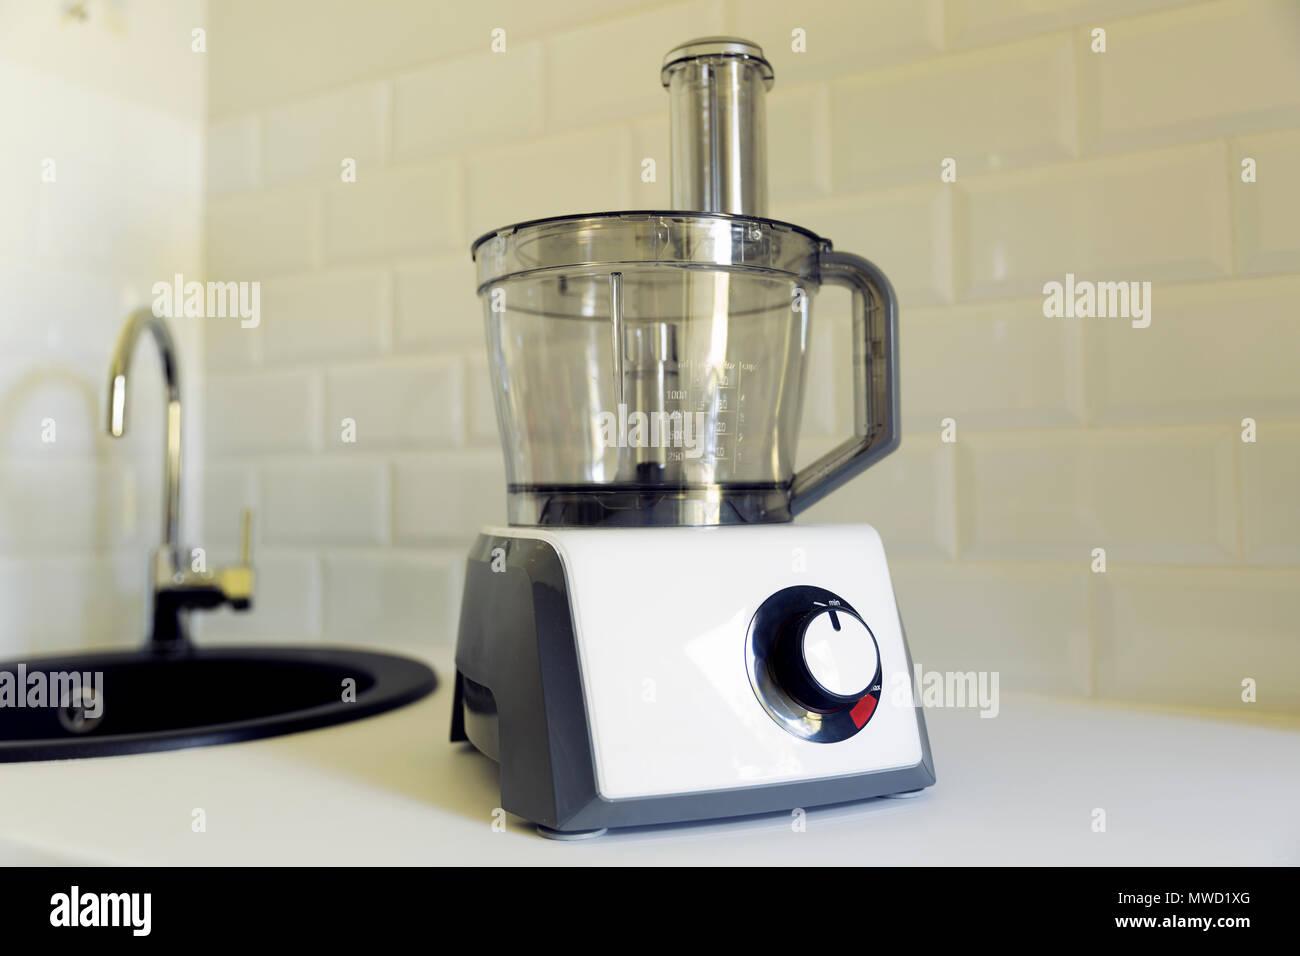 Elektrische Küchenmaschine auf Küche Arbeitsplatte, Spüle im ...